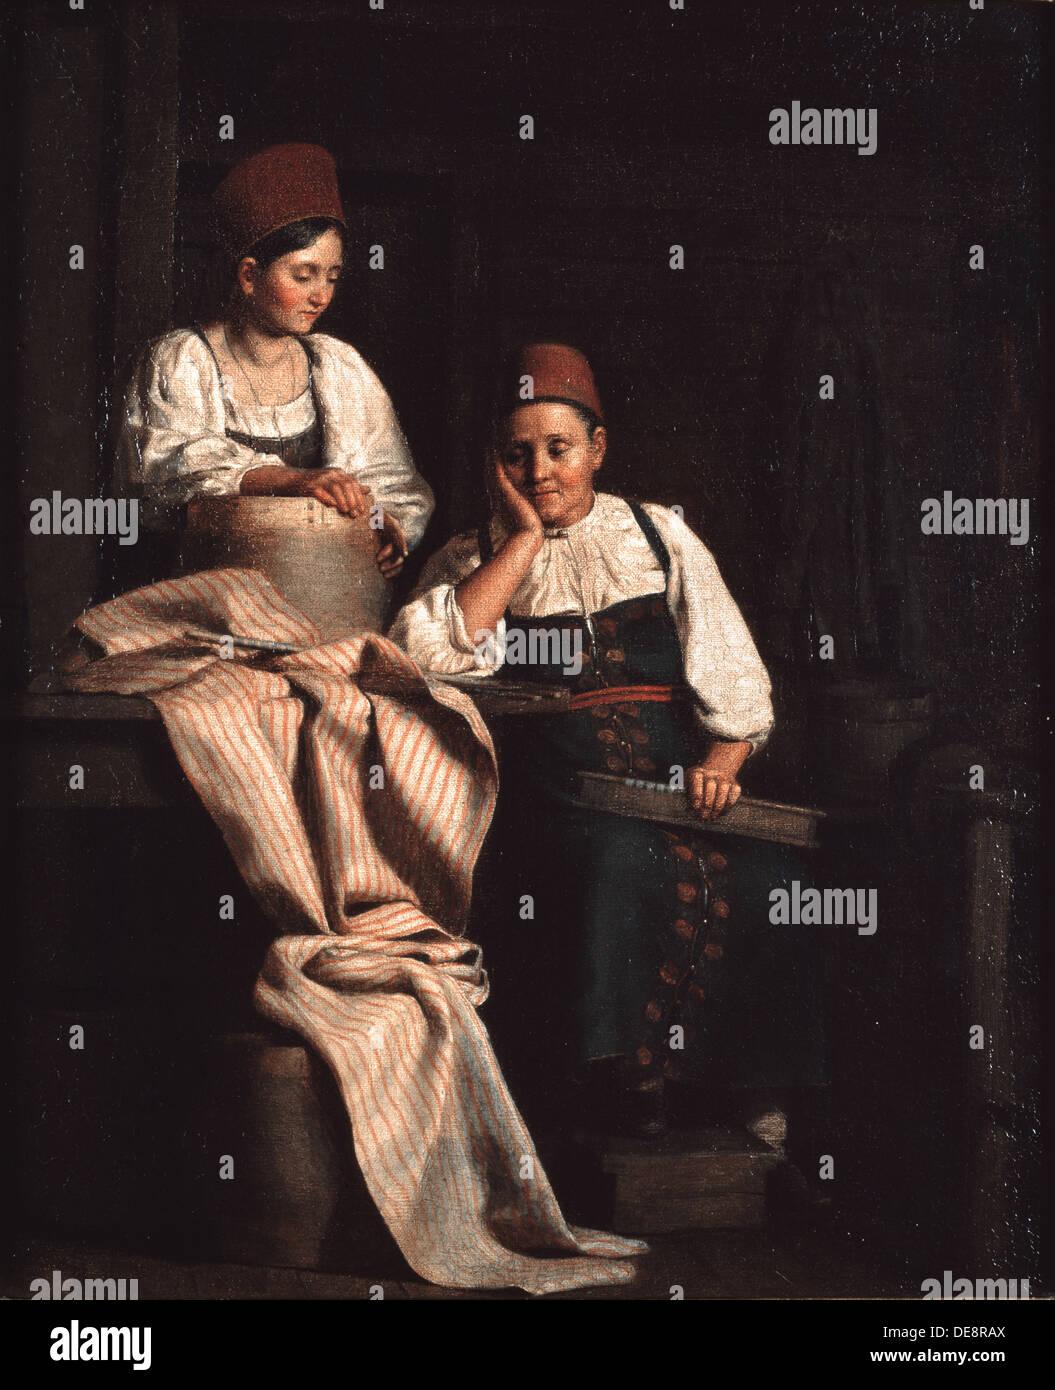 Weavers. Artist: Tyranov, Alexei Vasilyevich (1808-1859) - Stock Image